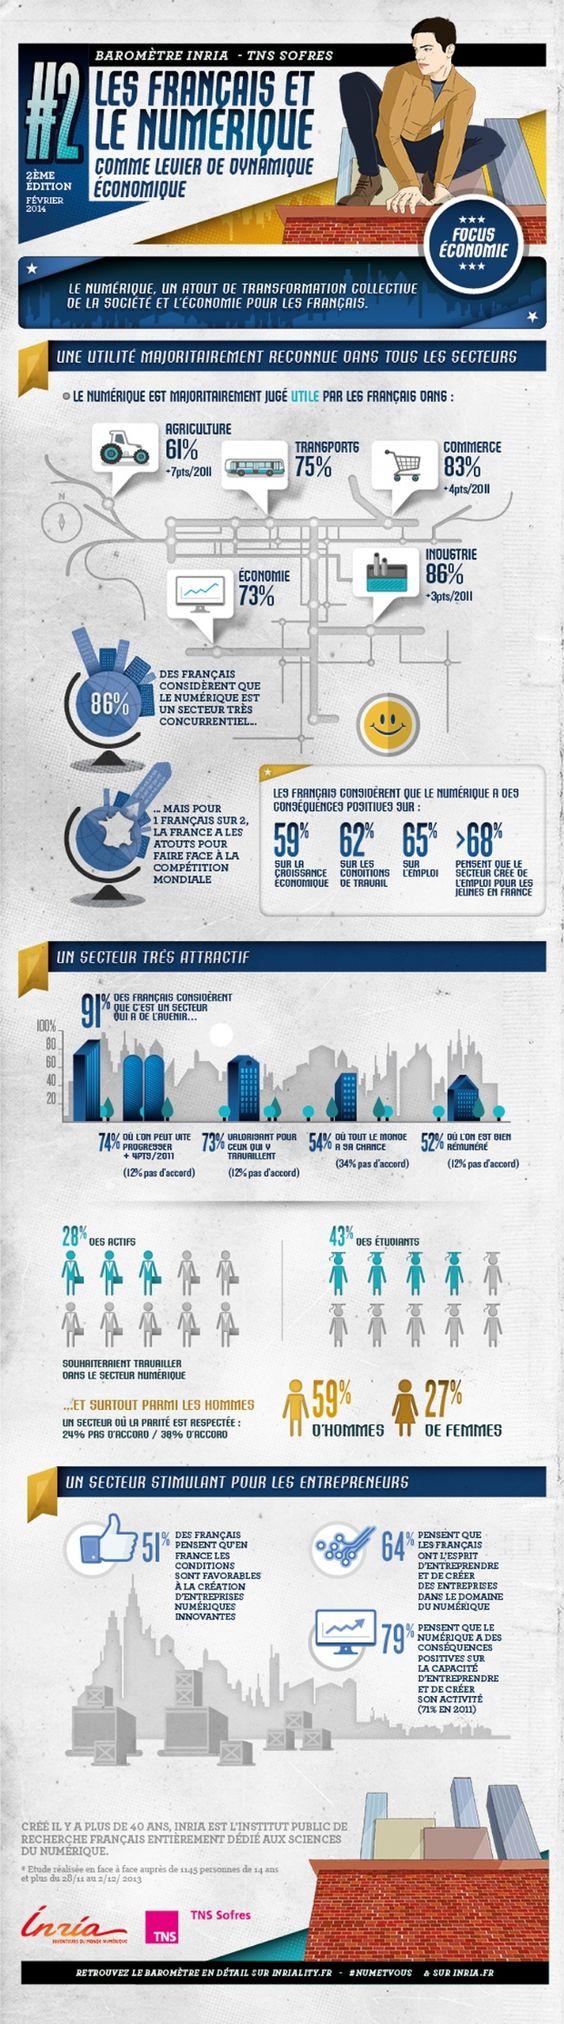 73% des Français pensent que le digital est utile à l'économie, selon une enquête menée par TNS Sofres pour l'Inria. Le secteur demeure attractif : 43% des étudiants souhaiteraient travailler dans les nouvelles technologies, au sein d'une entreprise ou en lançant leur propre activité.